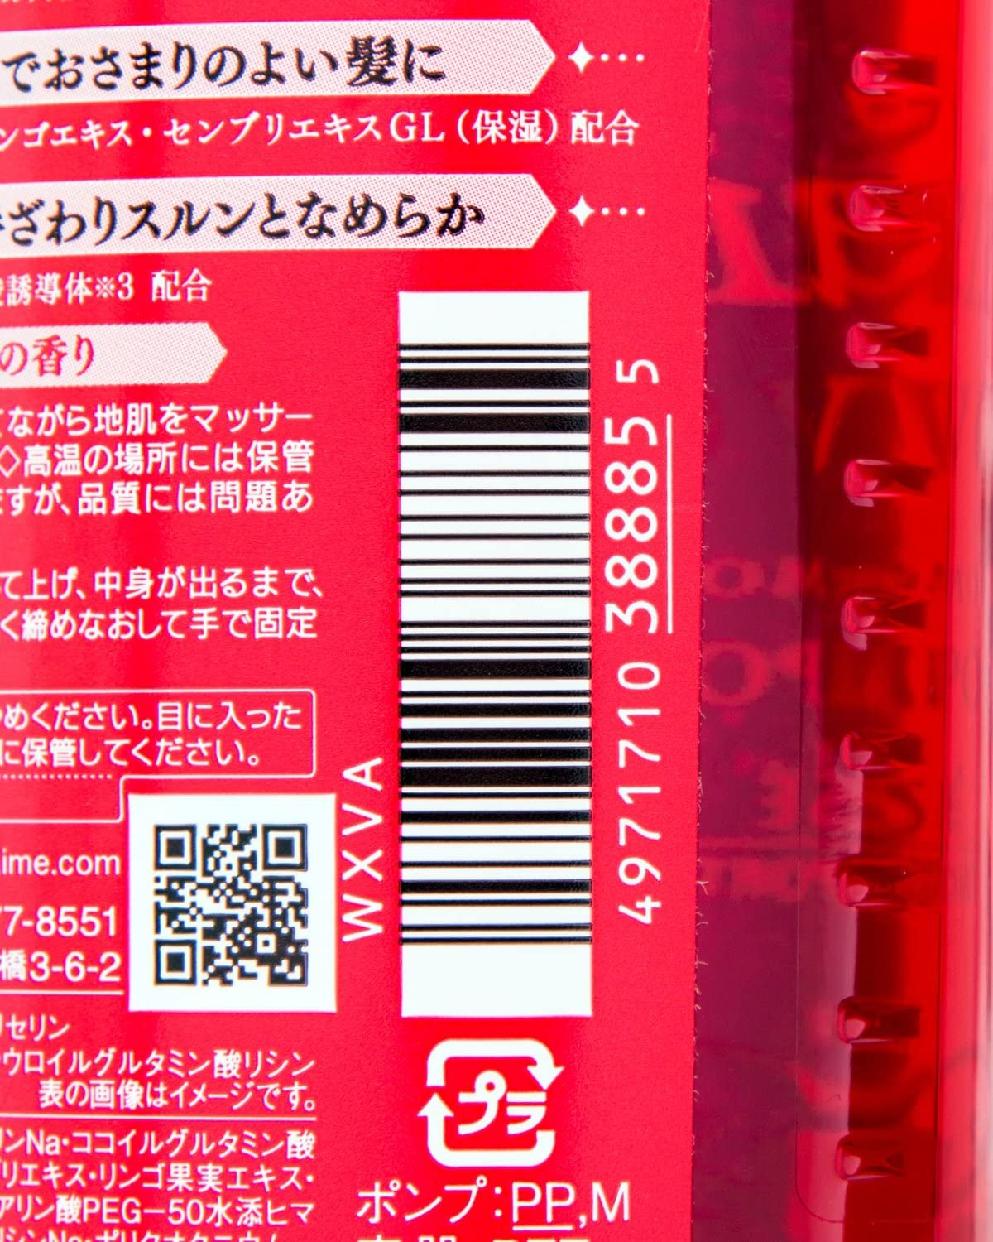 Je l'aime(ジュレーム) フルボス ブライトニング シャンプー (ブライト&モイスト) しっとりポンプの商品画像10